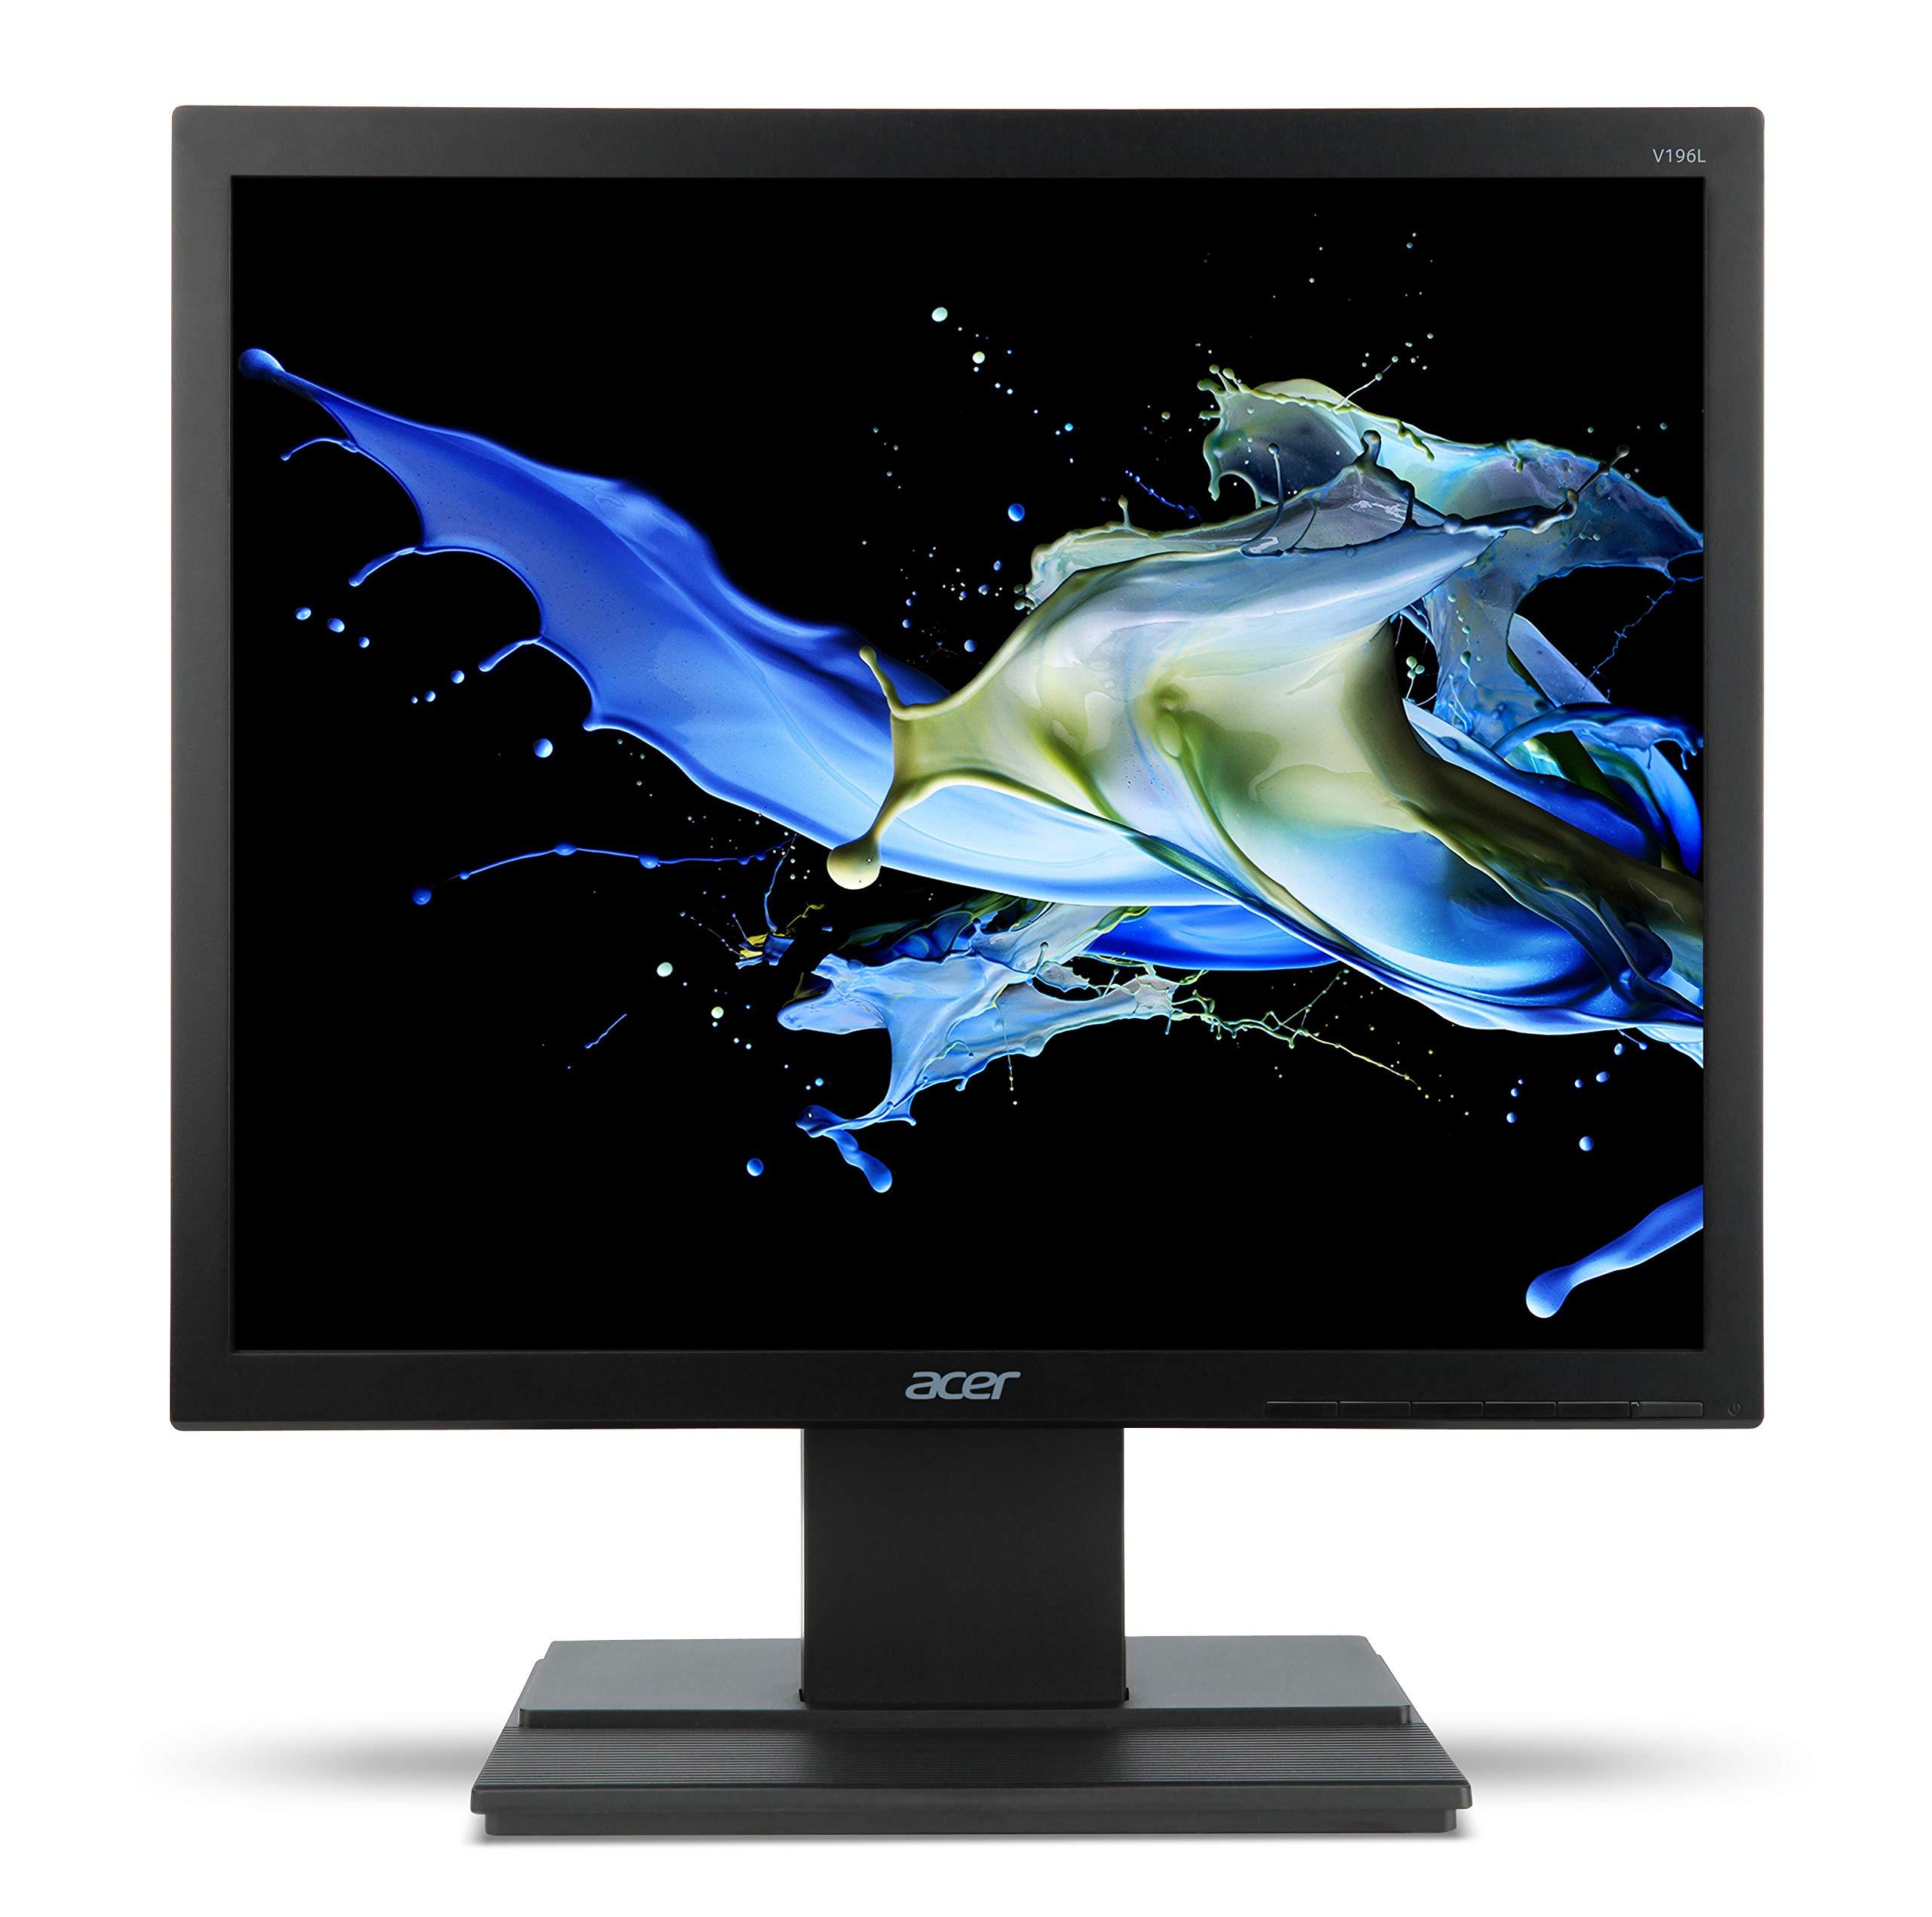 Acer Essential - Monitor de 19